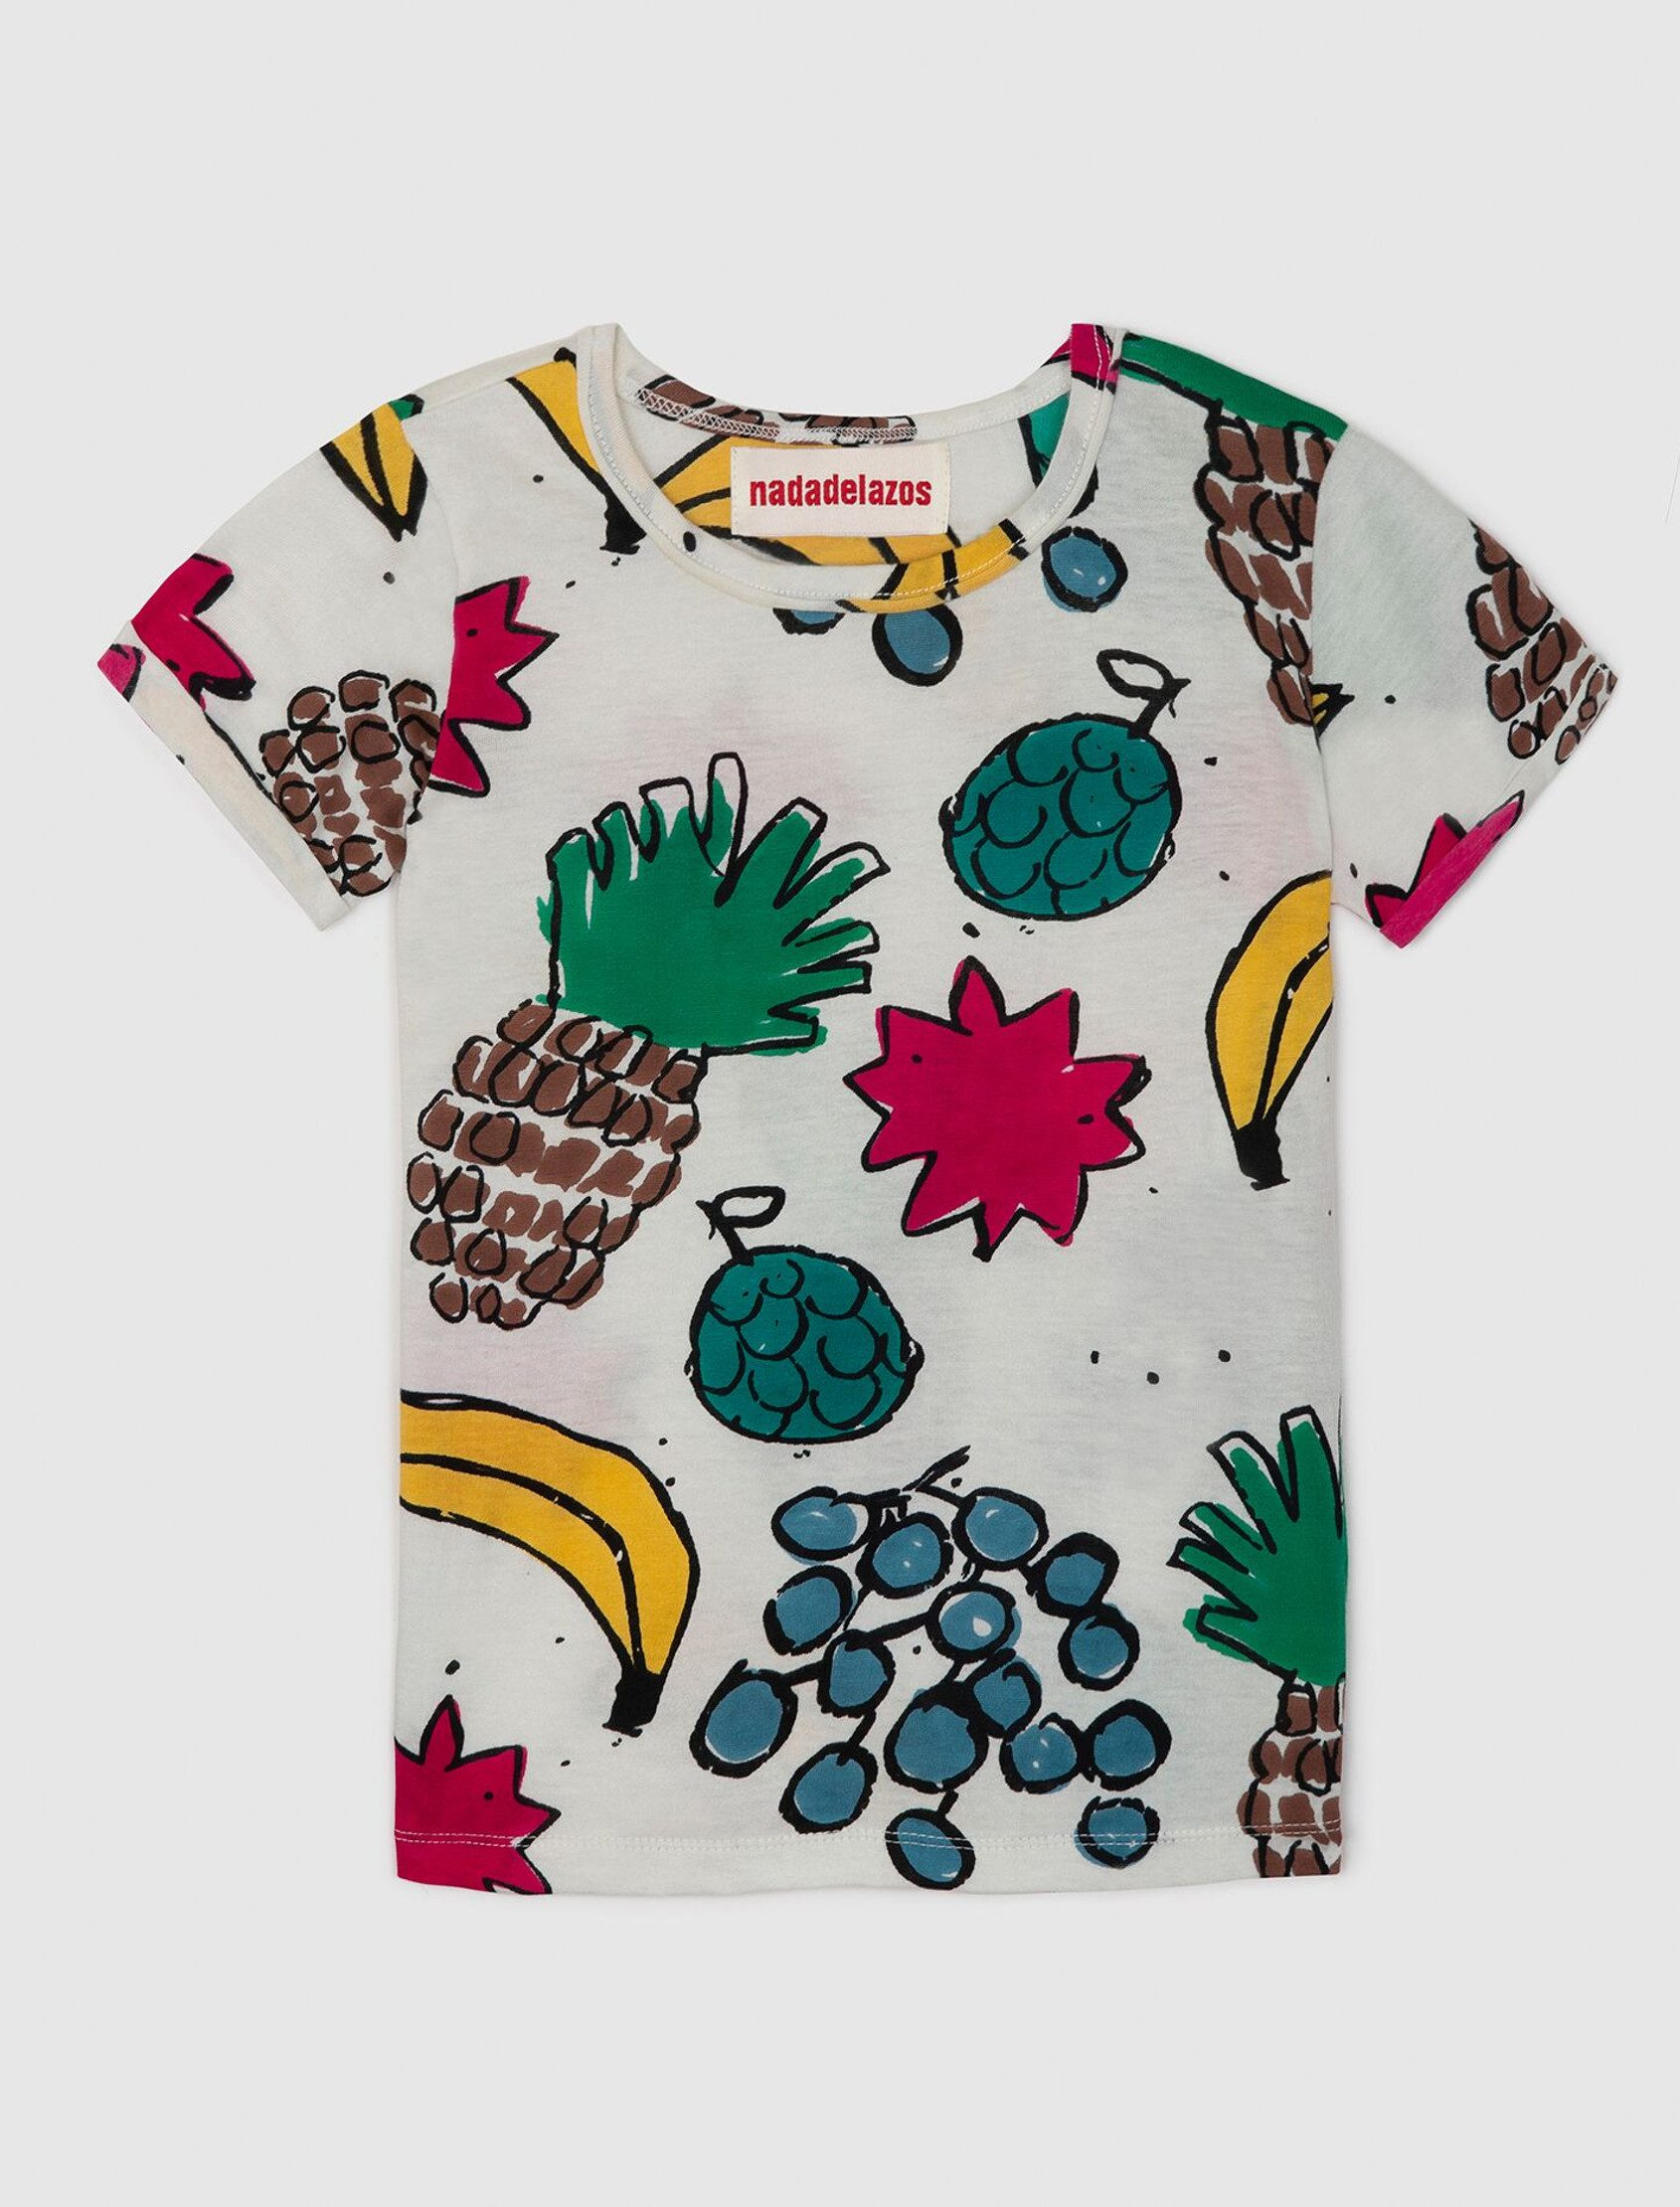 Camiseta con puño doblado con estampado integral Fruit Mix de Nadadelazos colección ss20. Bolsillo de parche en la parte delantera. Los tamaños pequeños tienen una abertura con broches en el hombro izquierdo.